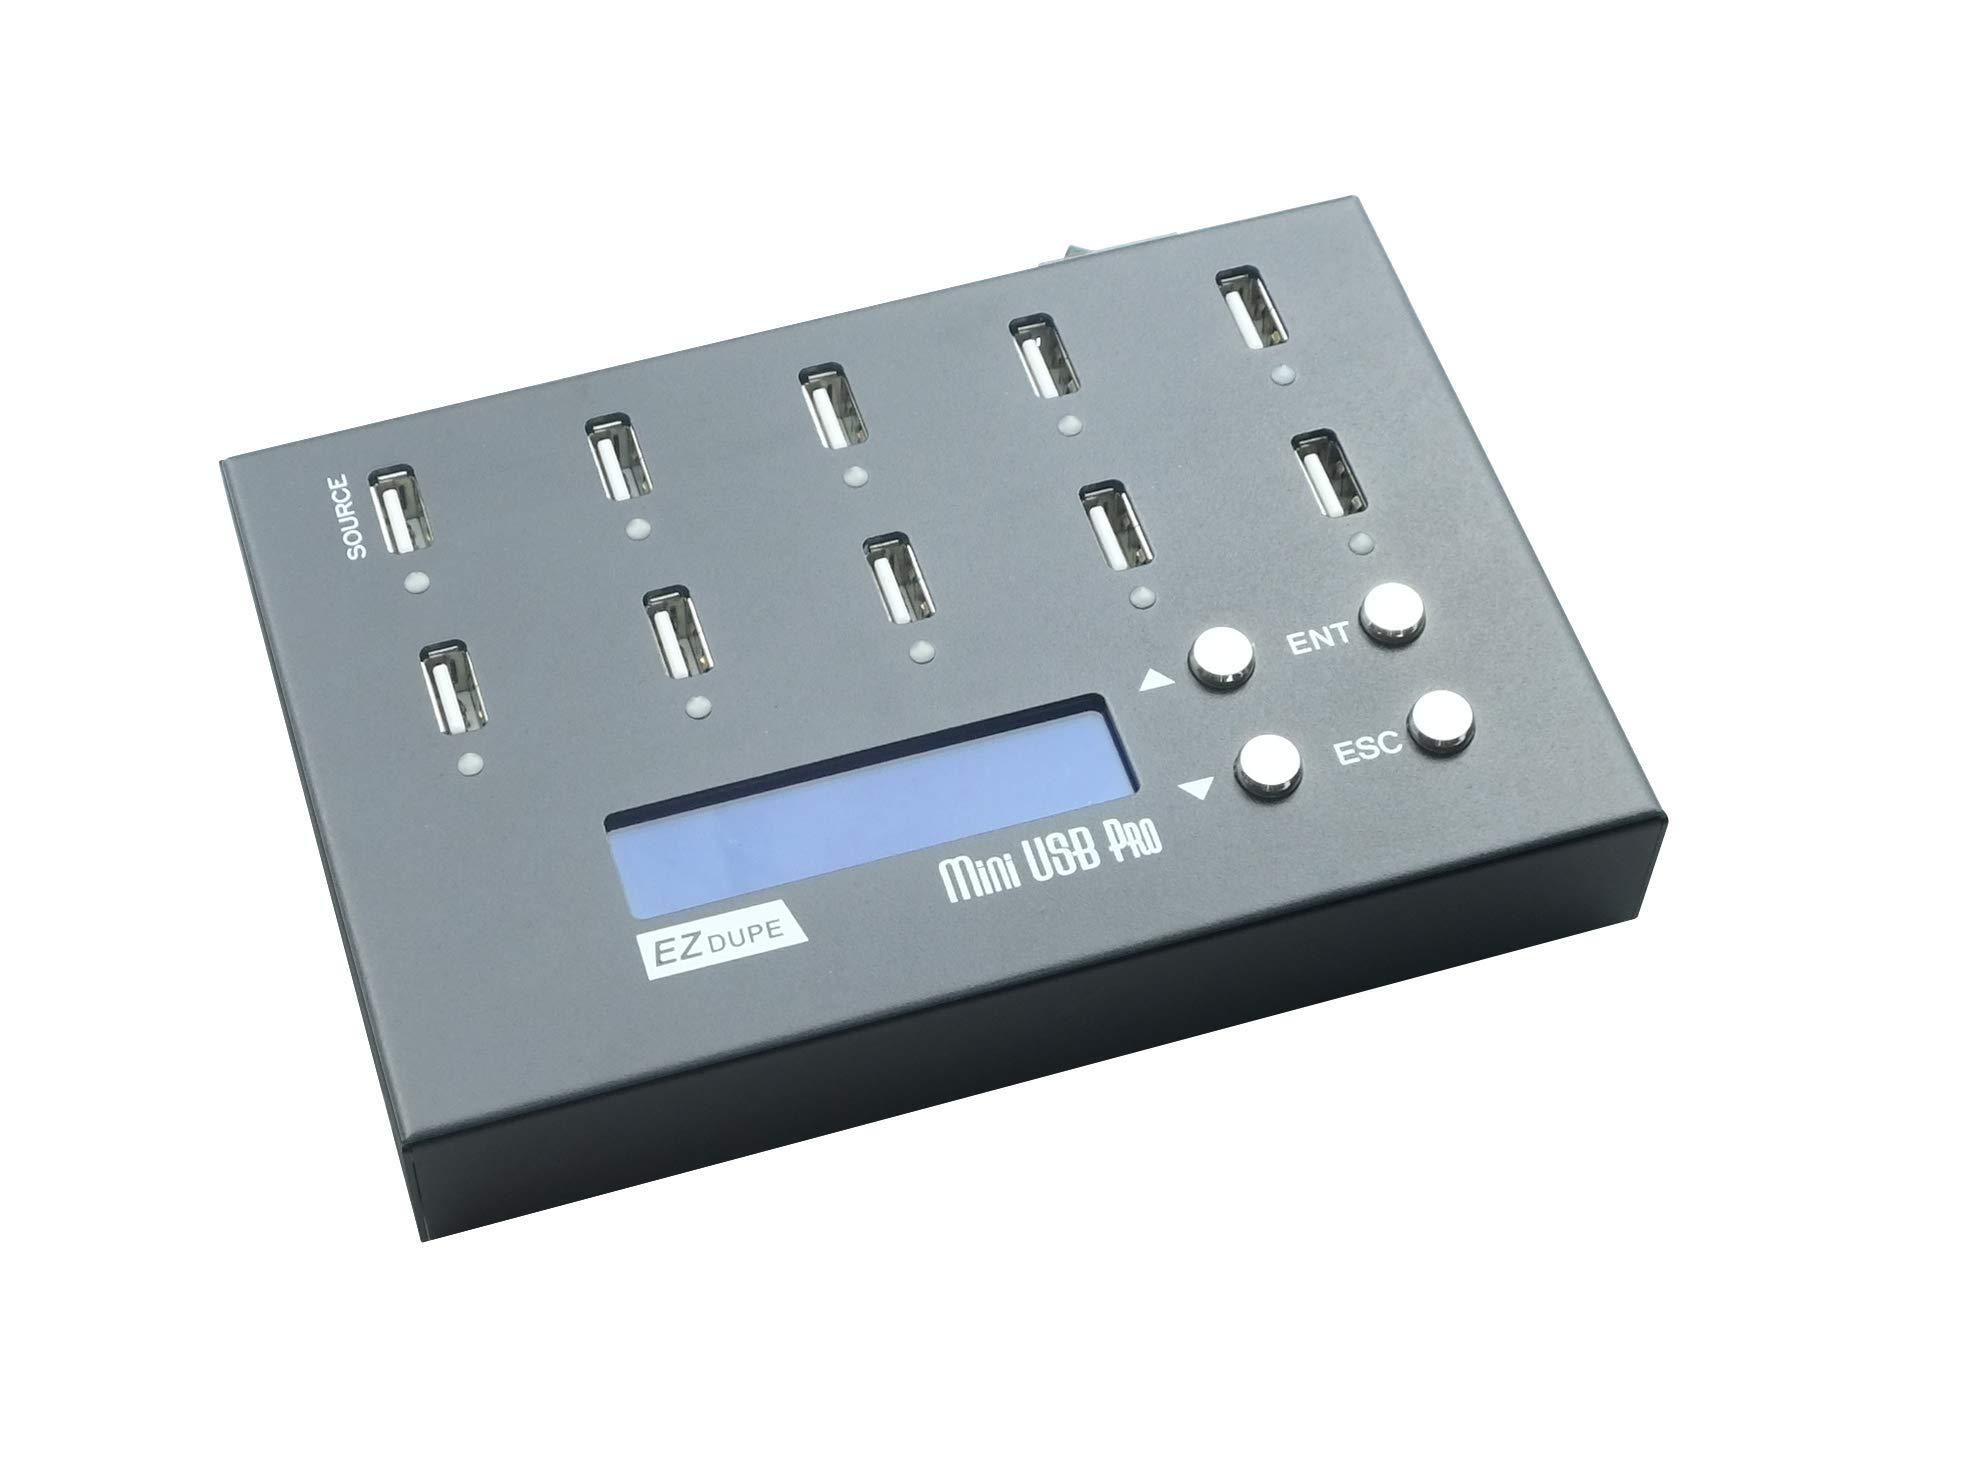 EZ DUPE 1 to 9 Mini USB Pro Duplicator Standalone